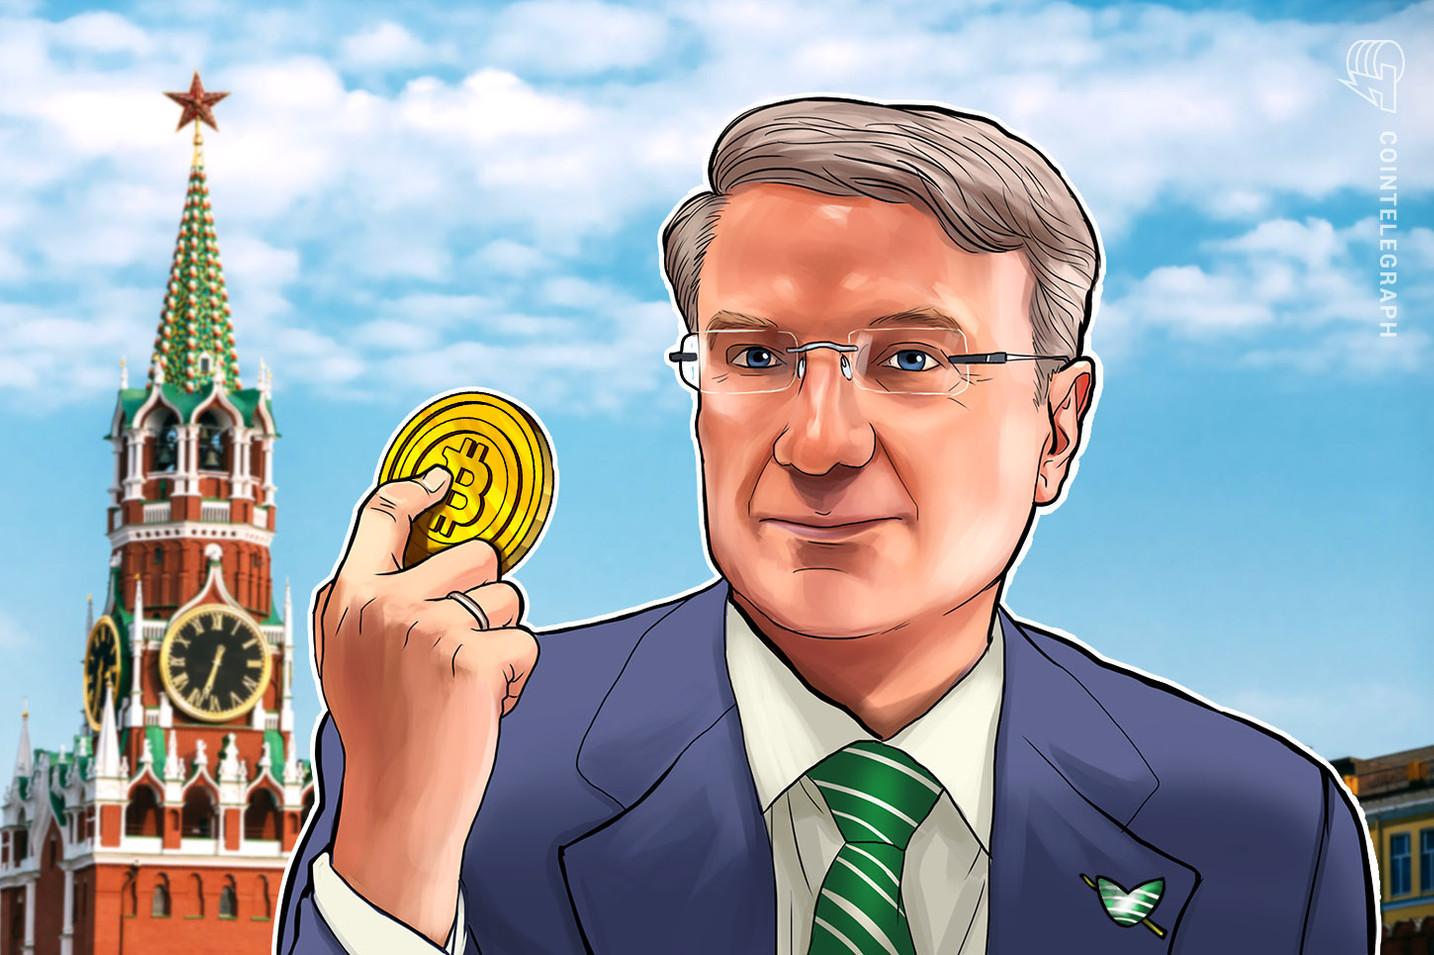 ロシア最大手銀行ズベルバンク、仮想通貨関連サービスを開発しないことを確認